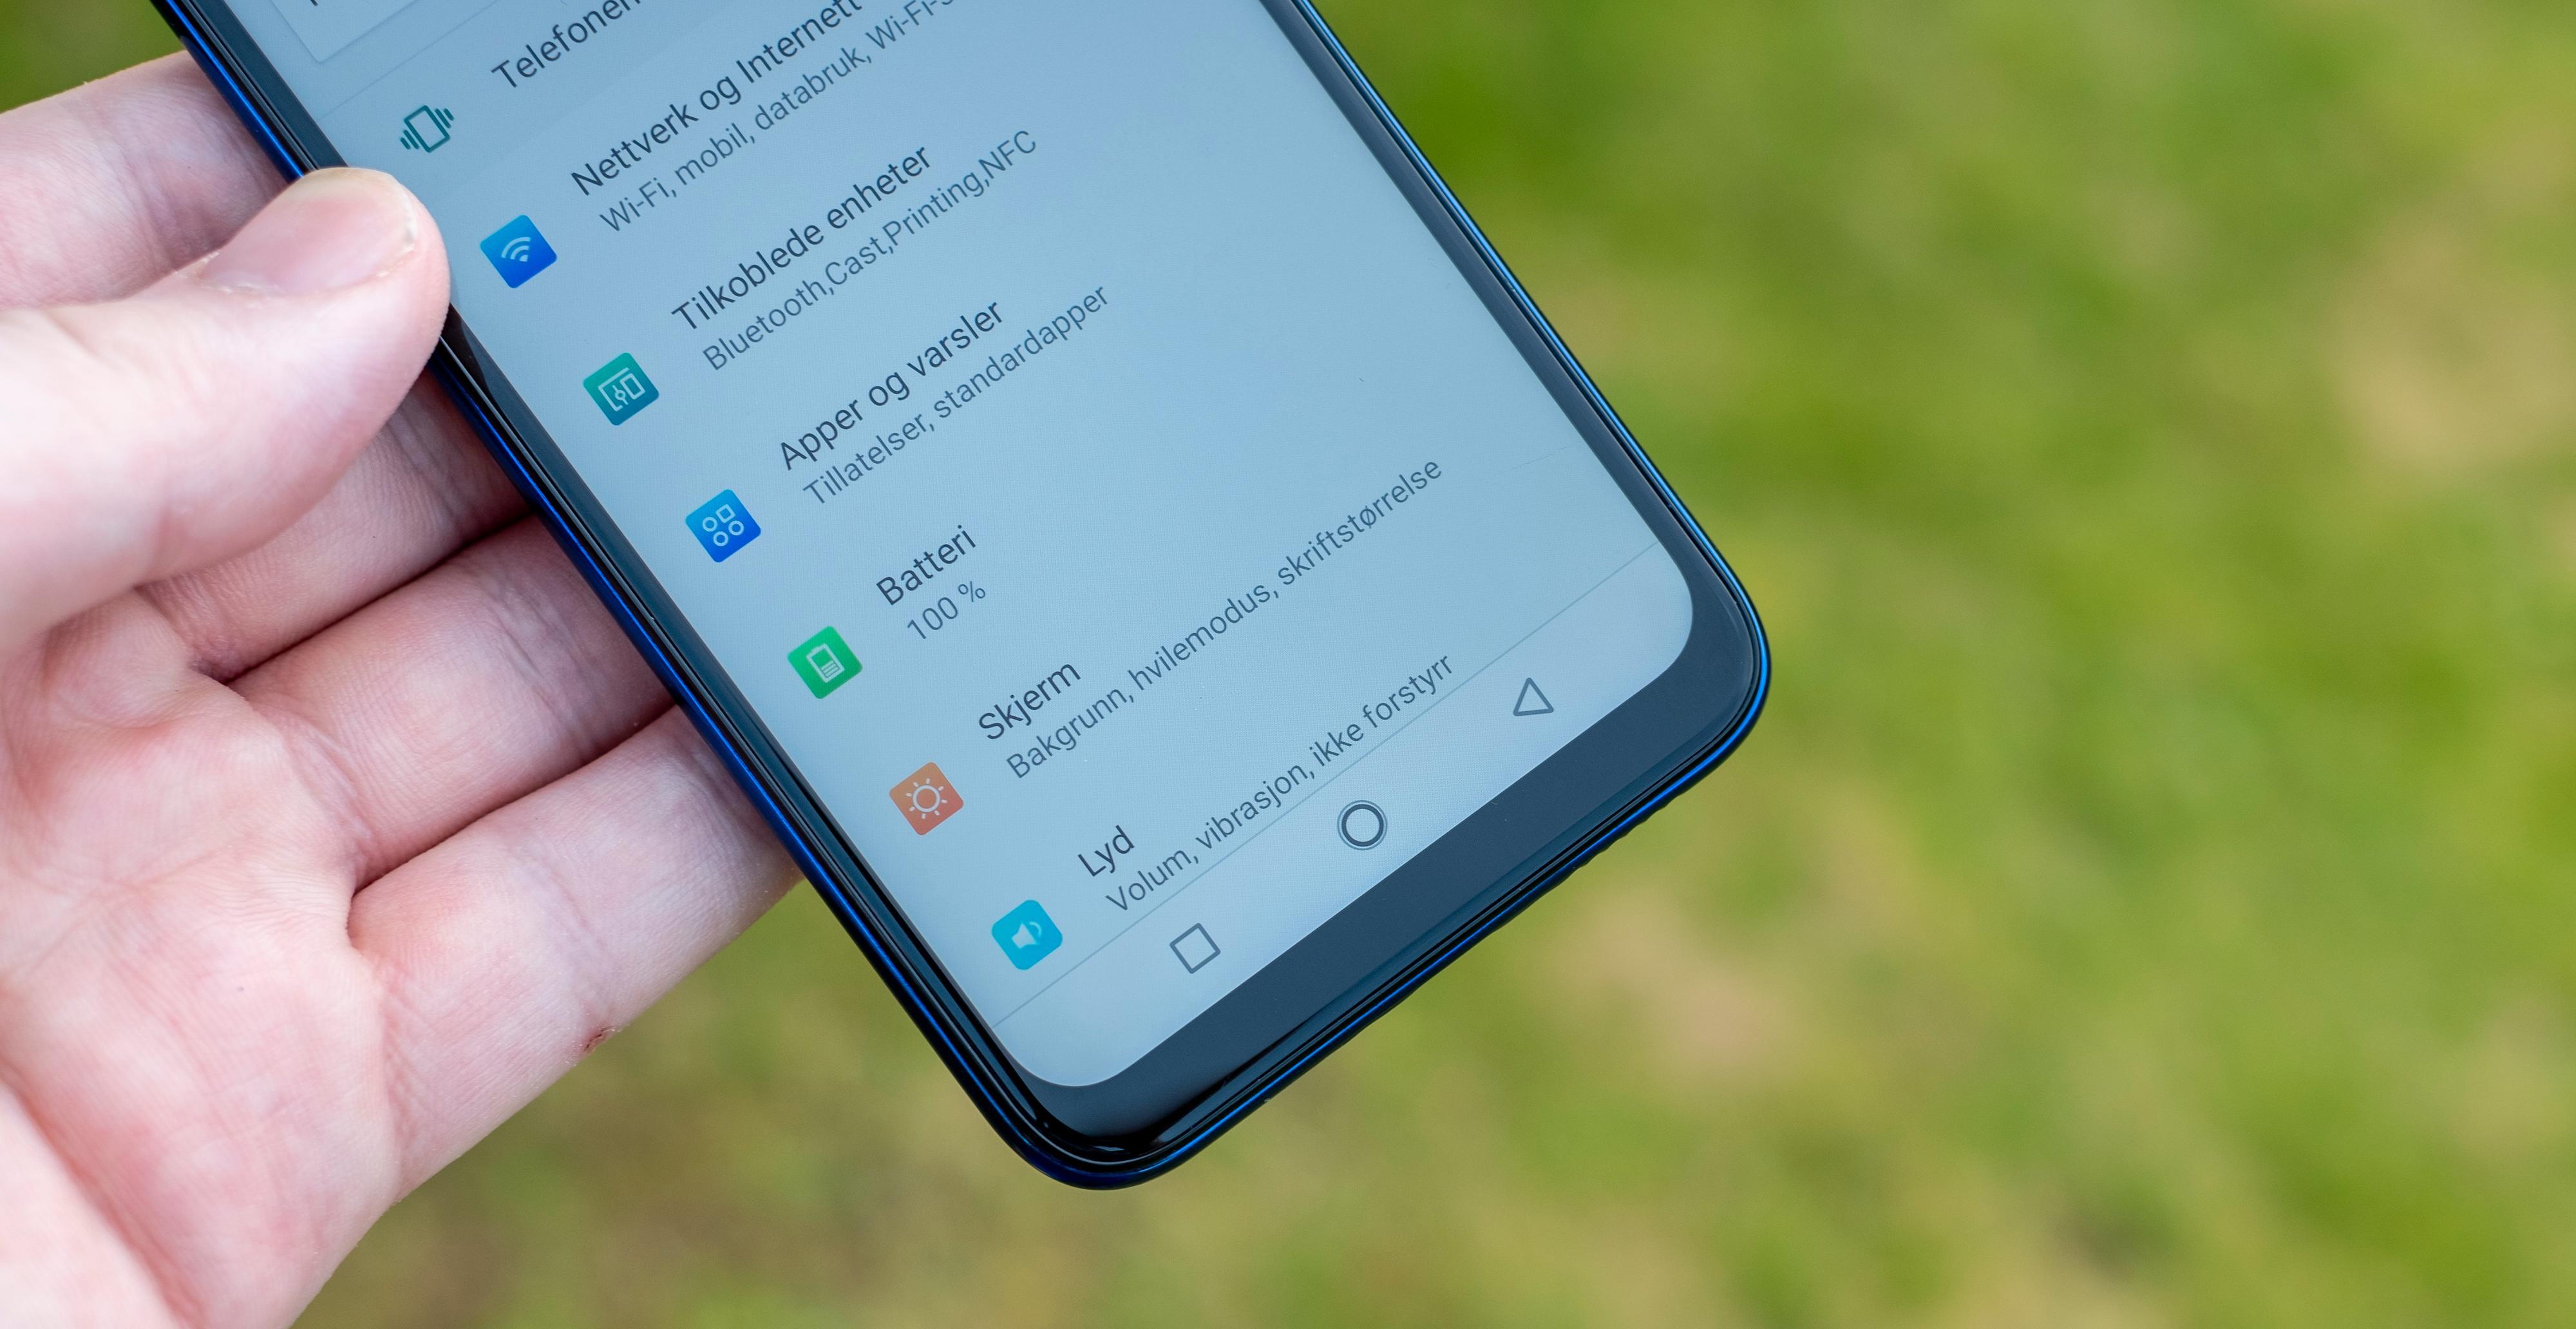 Det er ingen former for sveipestyring i denne telefonen. Det betyr at bunnen av skjermen tas opp av den vante knapperaden.